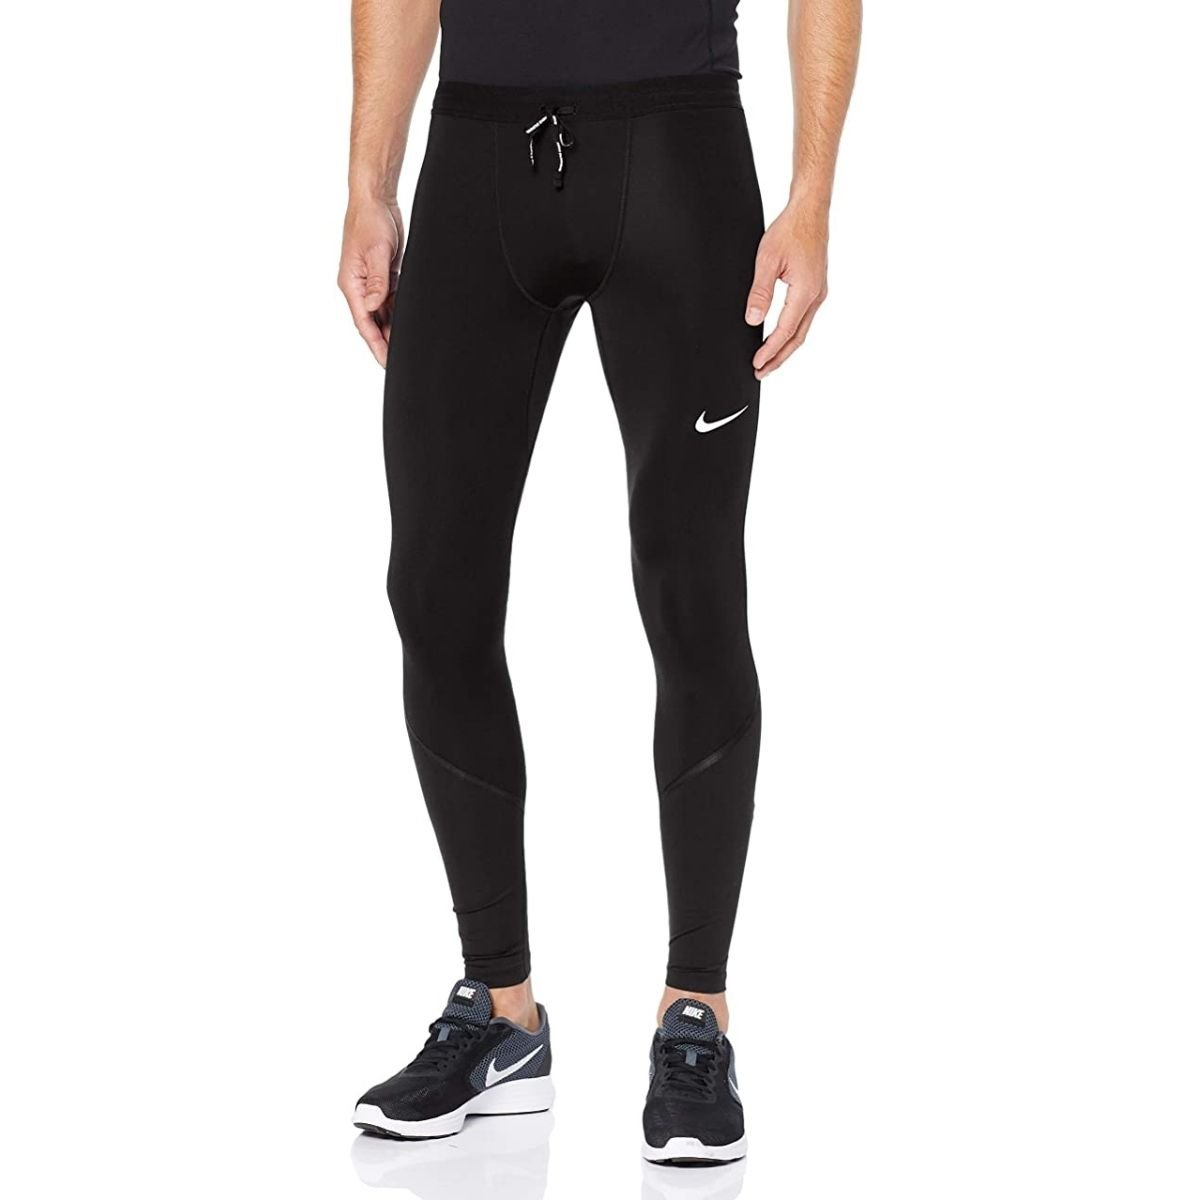 Pantalone Nike Running Tech...